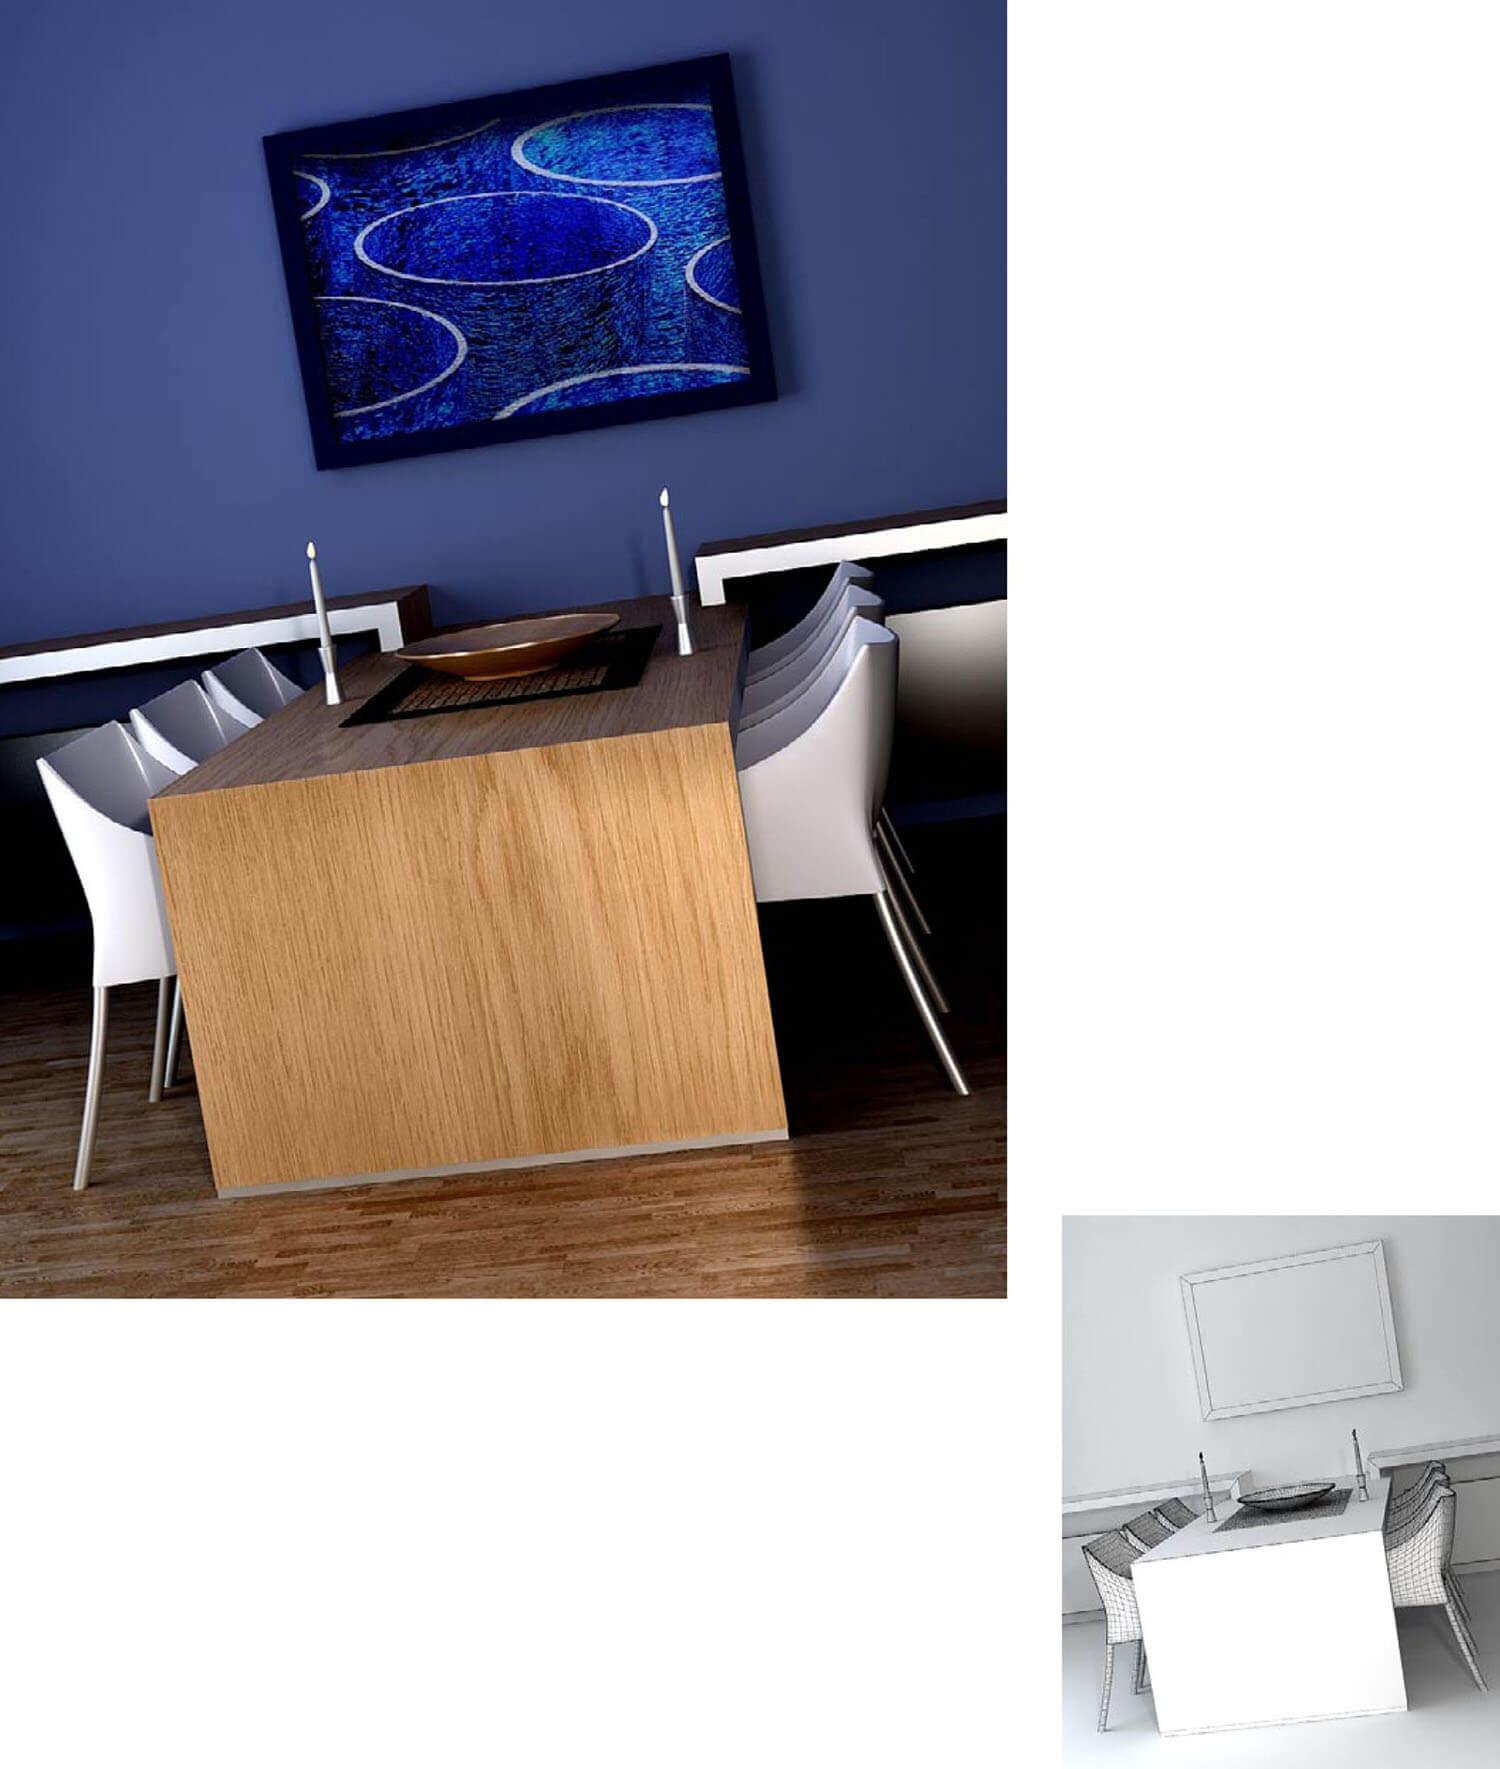 Thiết kế phòng ăn với tường xanh dương cùng tranh nghệ thuật